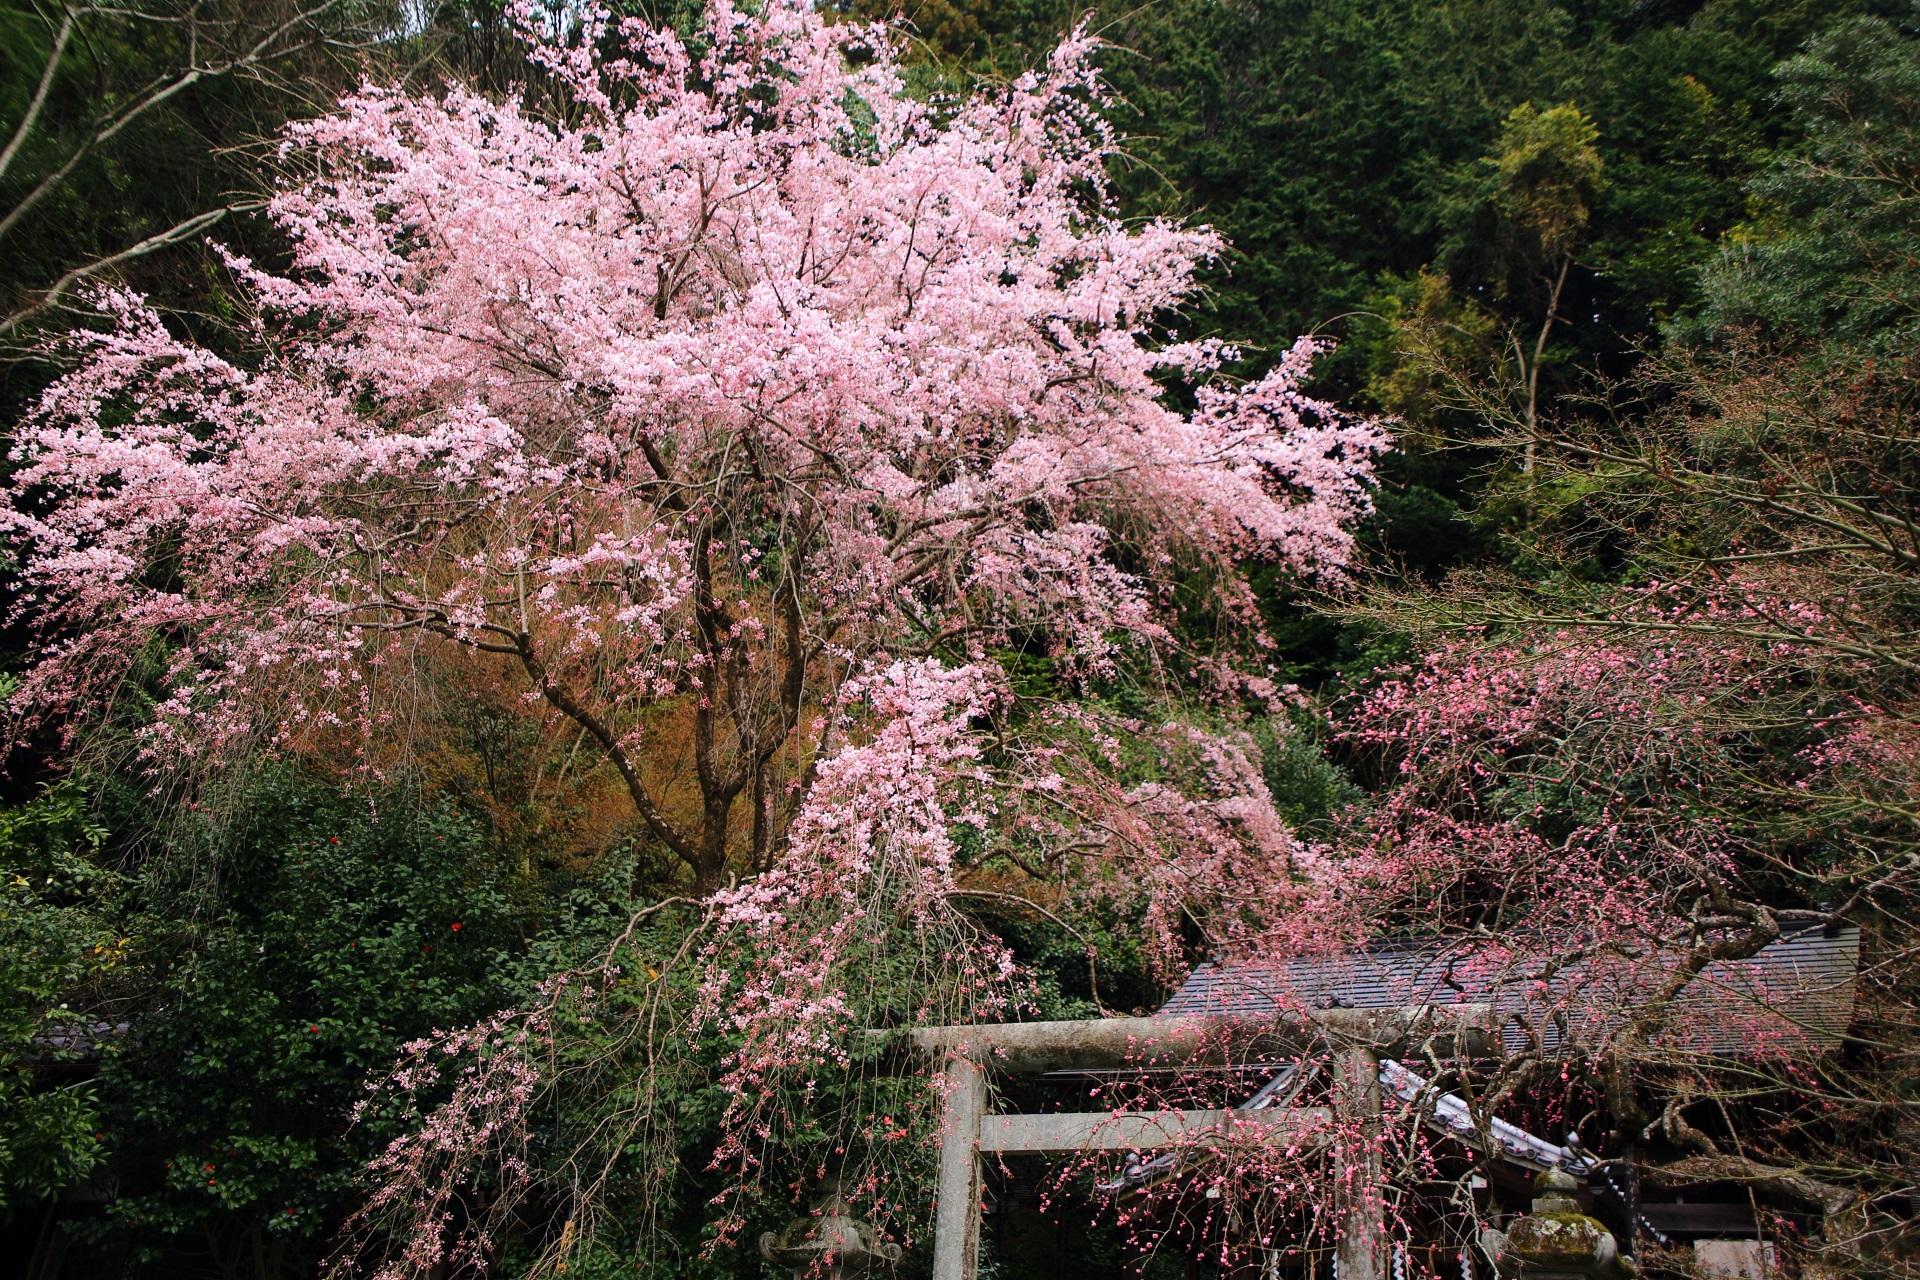 優しい色合いの咲き誇るしだれ桜